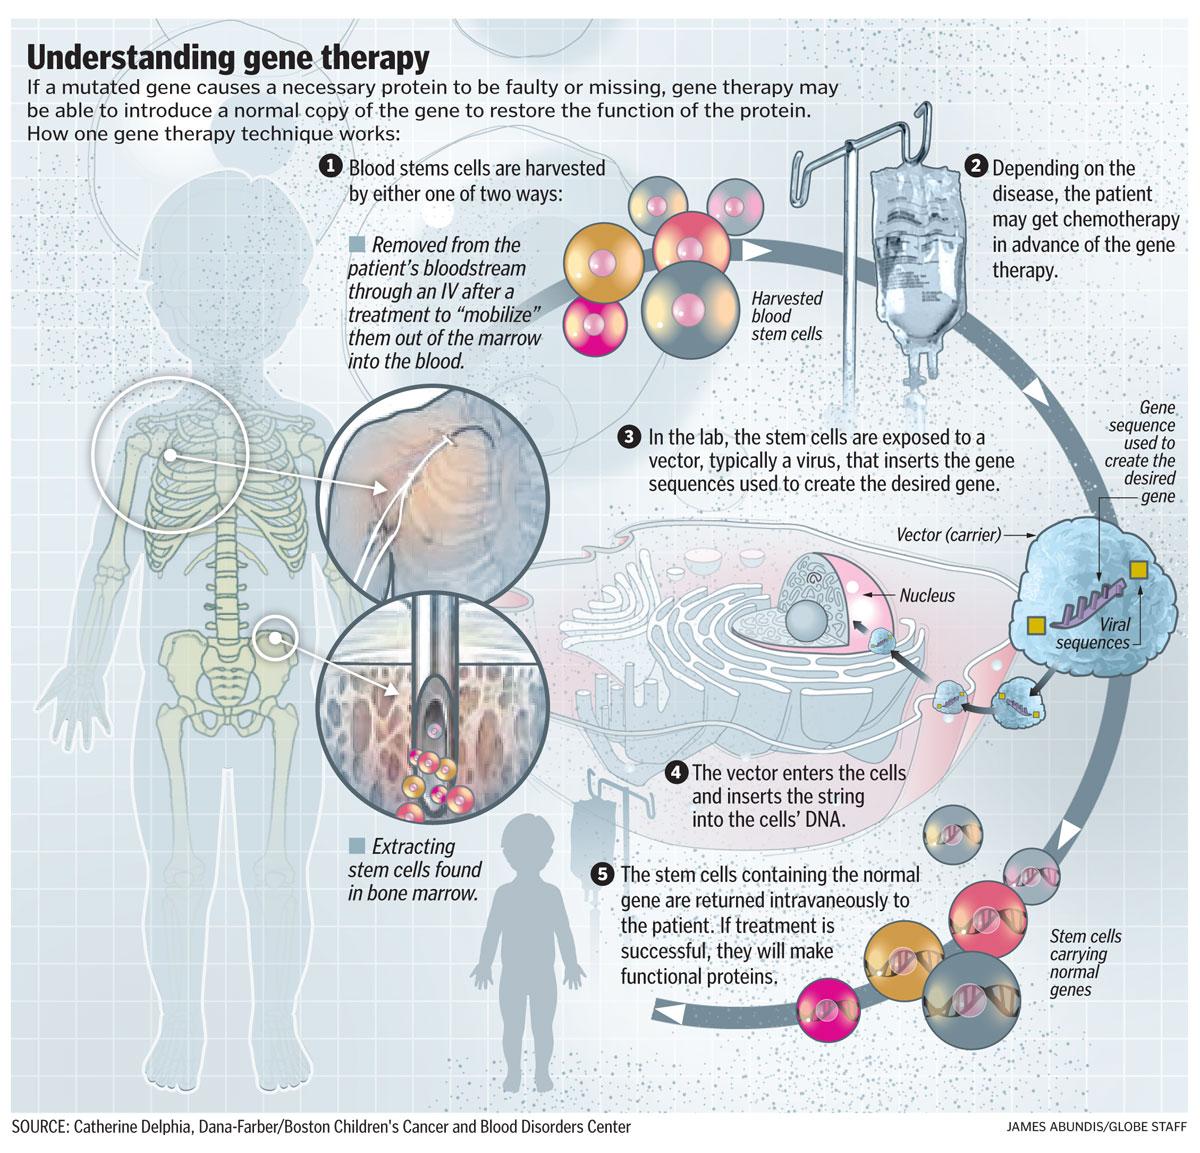 Retrovirus Gene Therapy